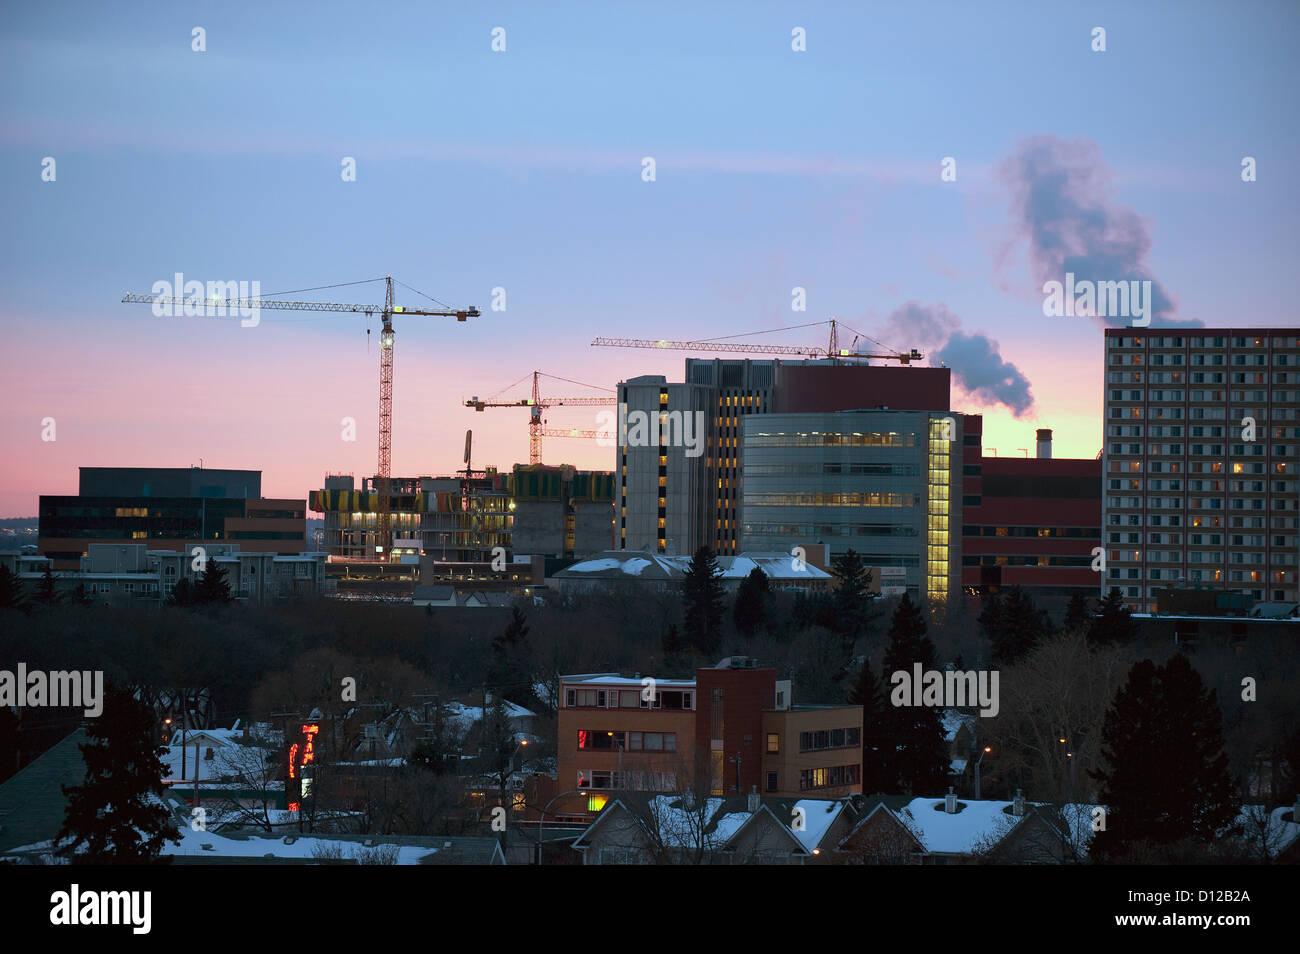 Gebäude und Kräne In der Skyline in der Abenddämmerung; Edmonton Alberta Kanada Stockfoto